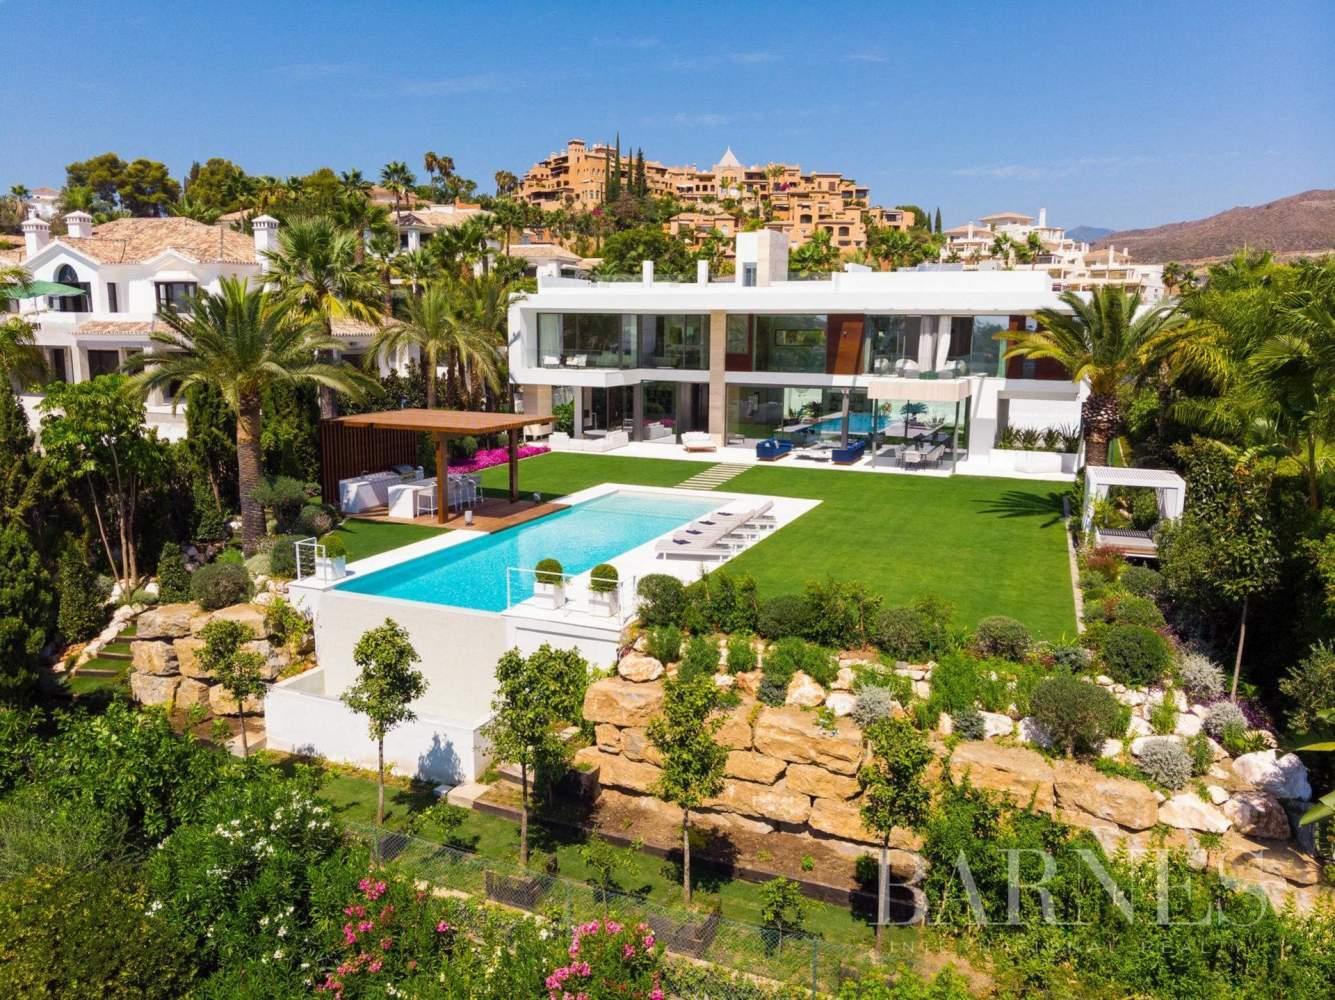 Nueva Andalucia  - Villa  6 Chambres - picture 2